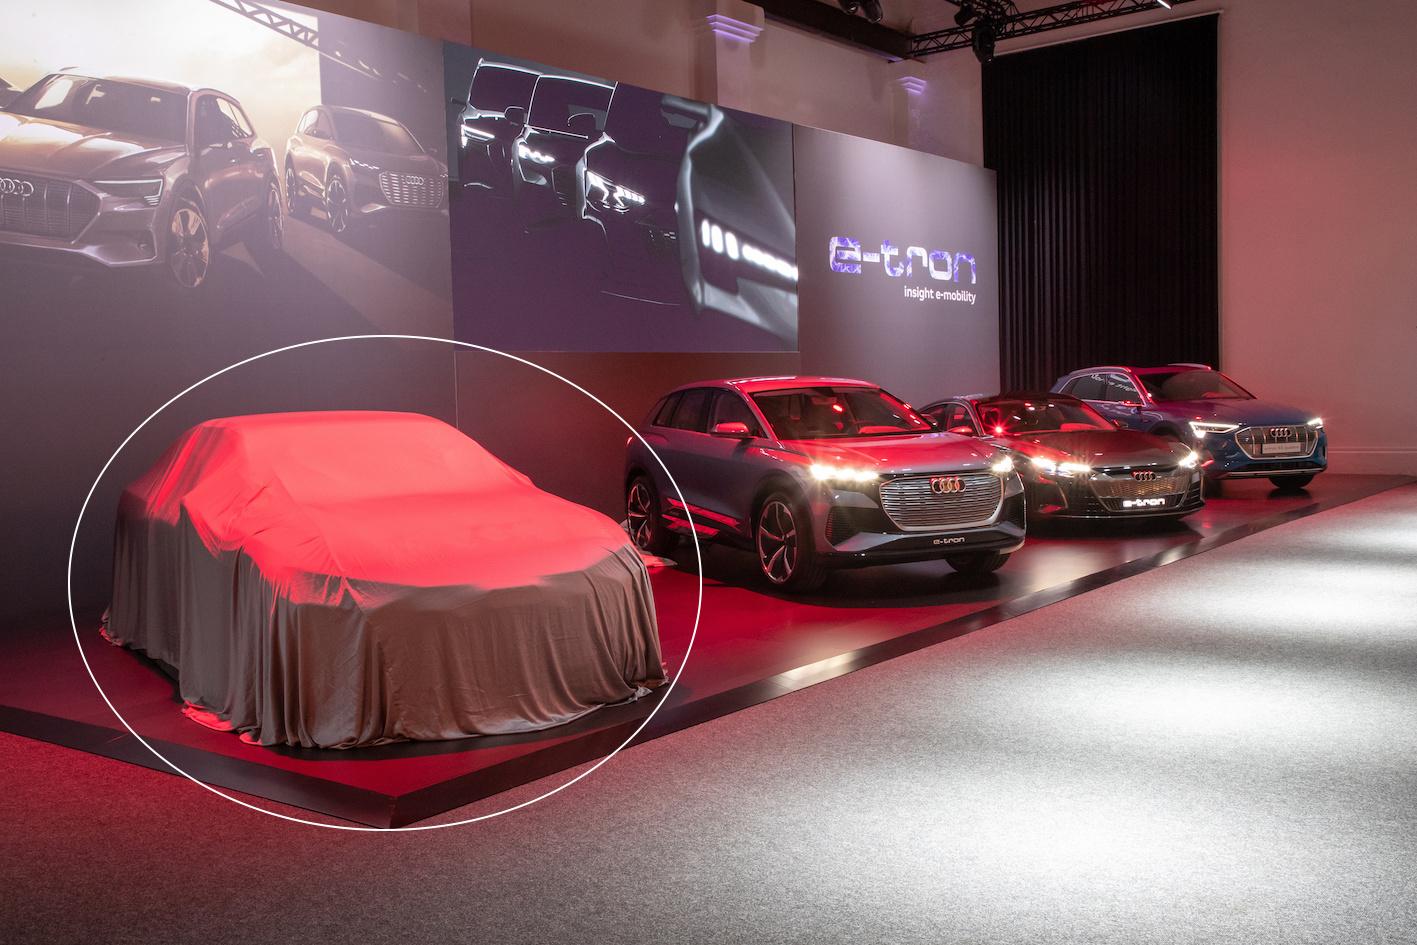 Mis à jour : la mystérieuse future Audi et sa nouvelle plateforme électrique !